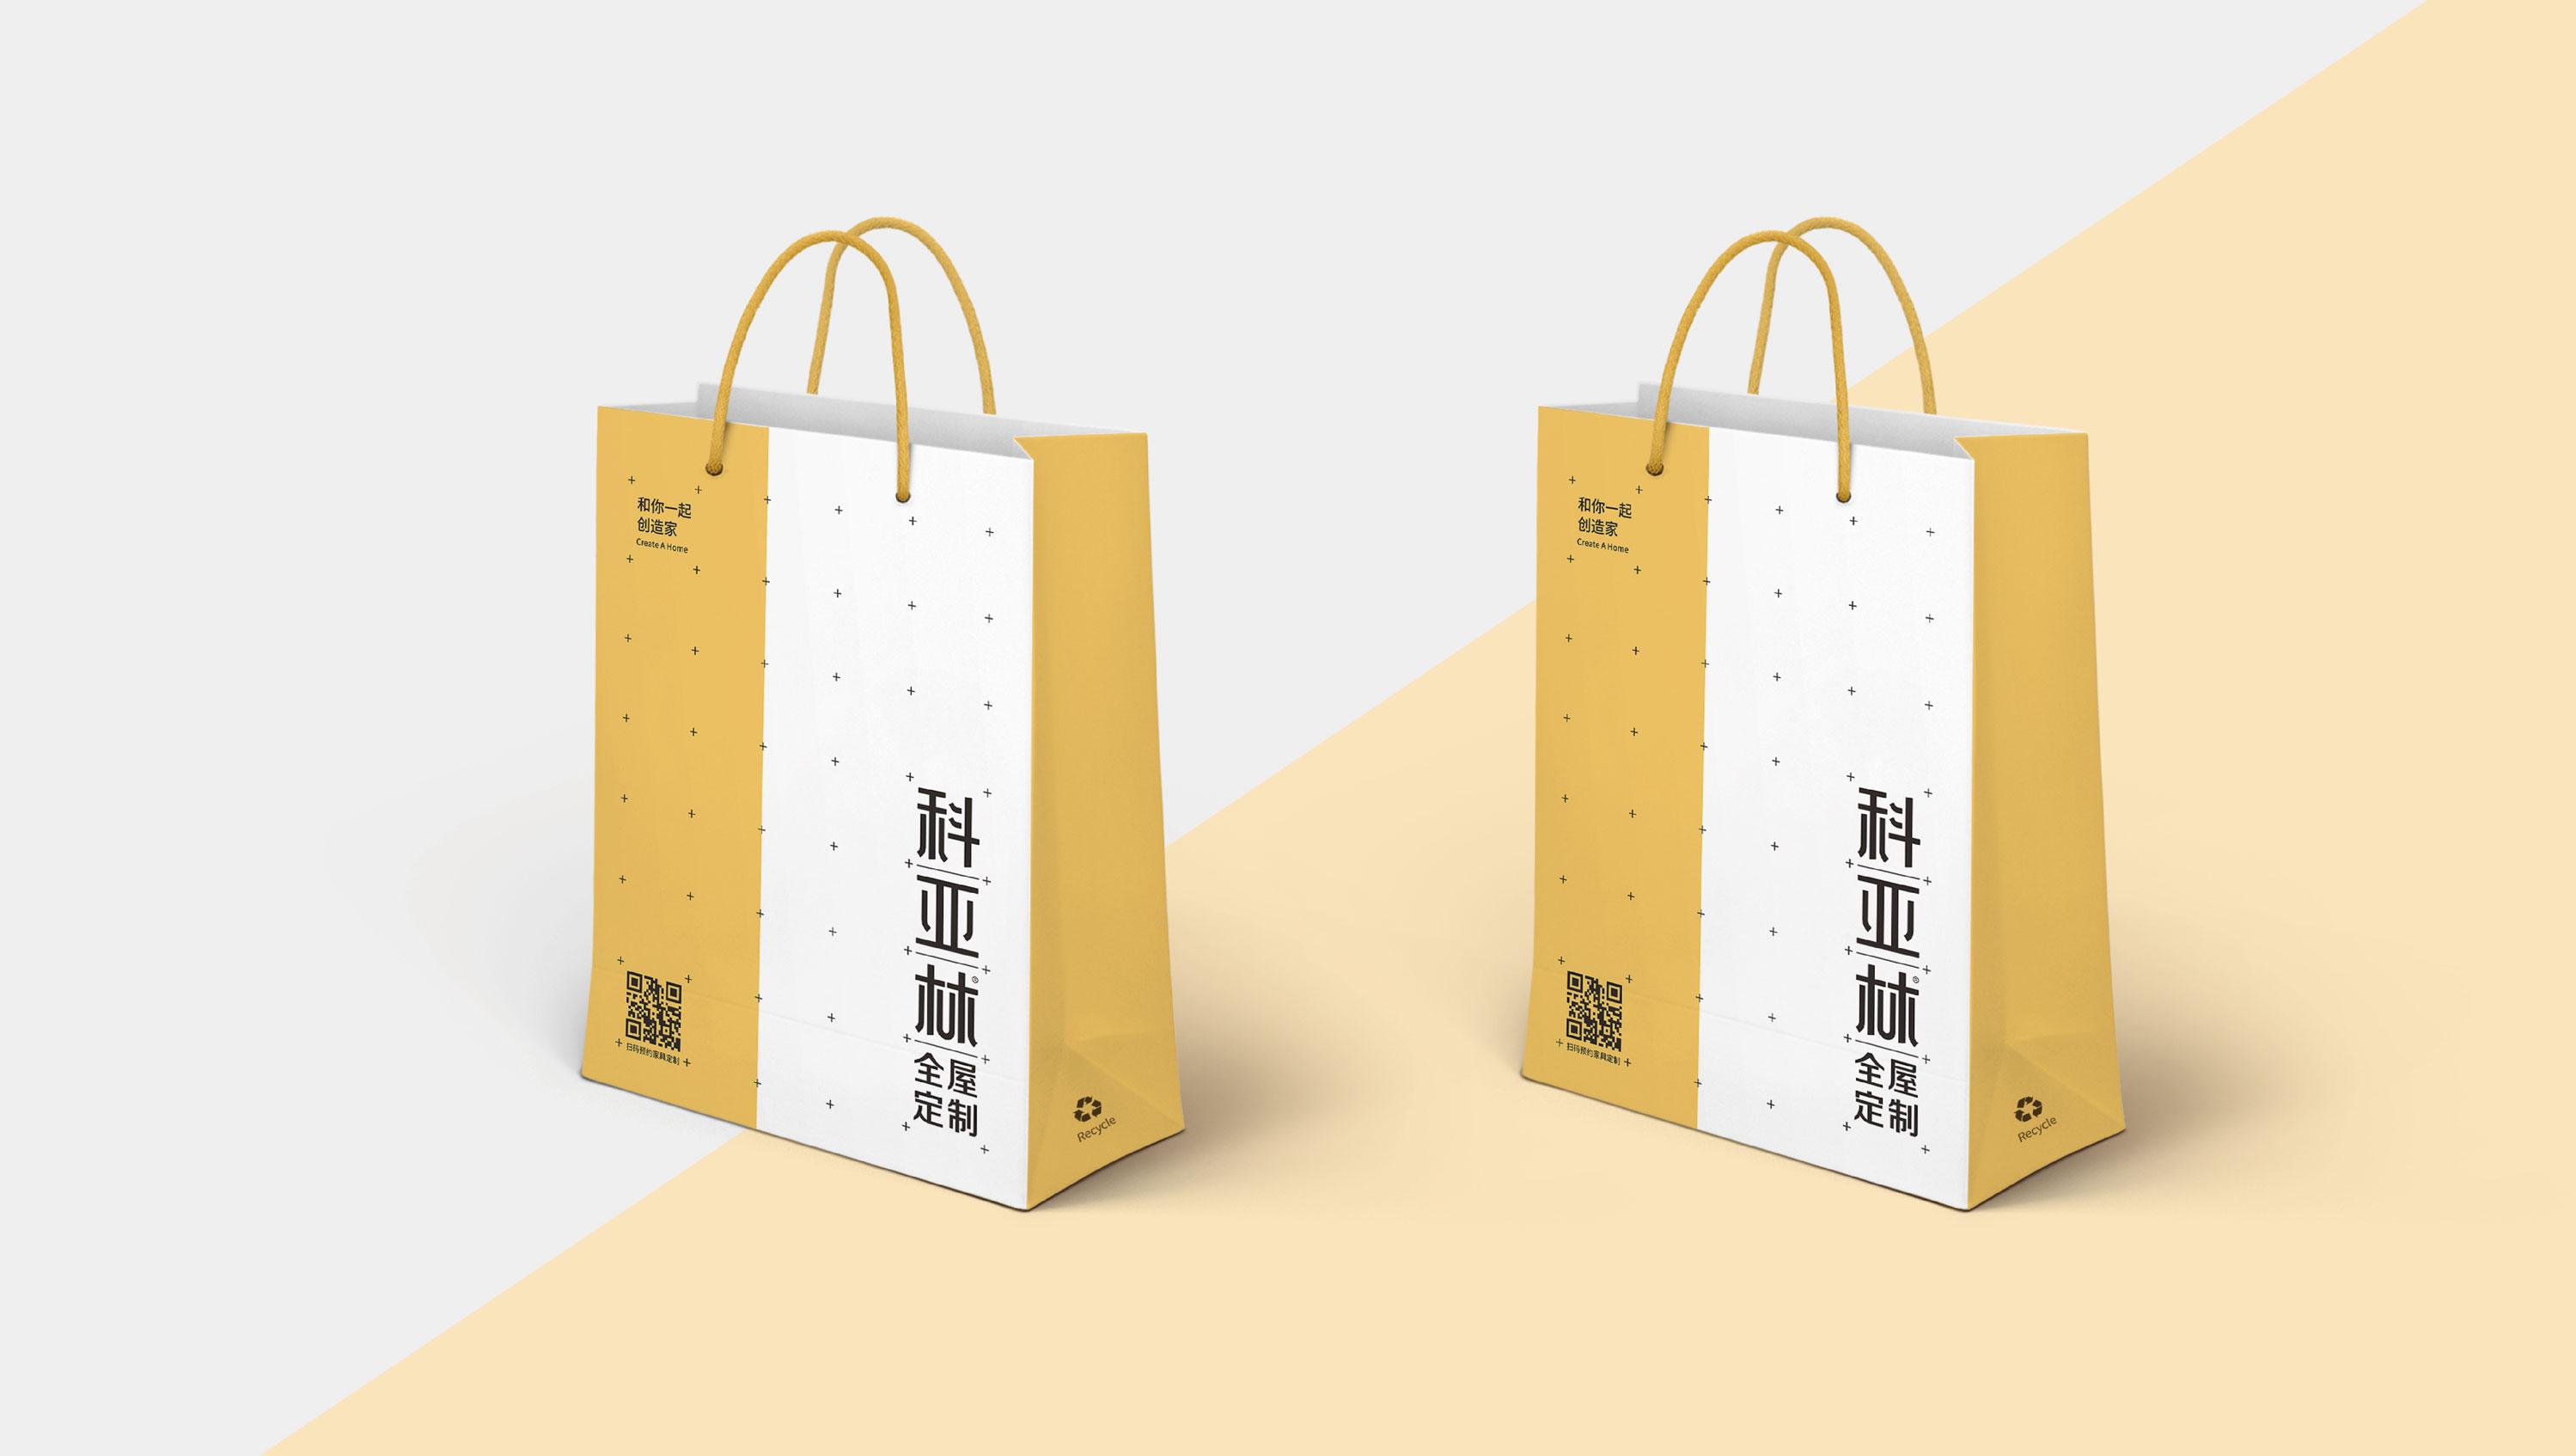 懿木品牌设计-科亚林8